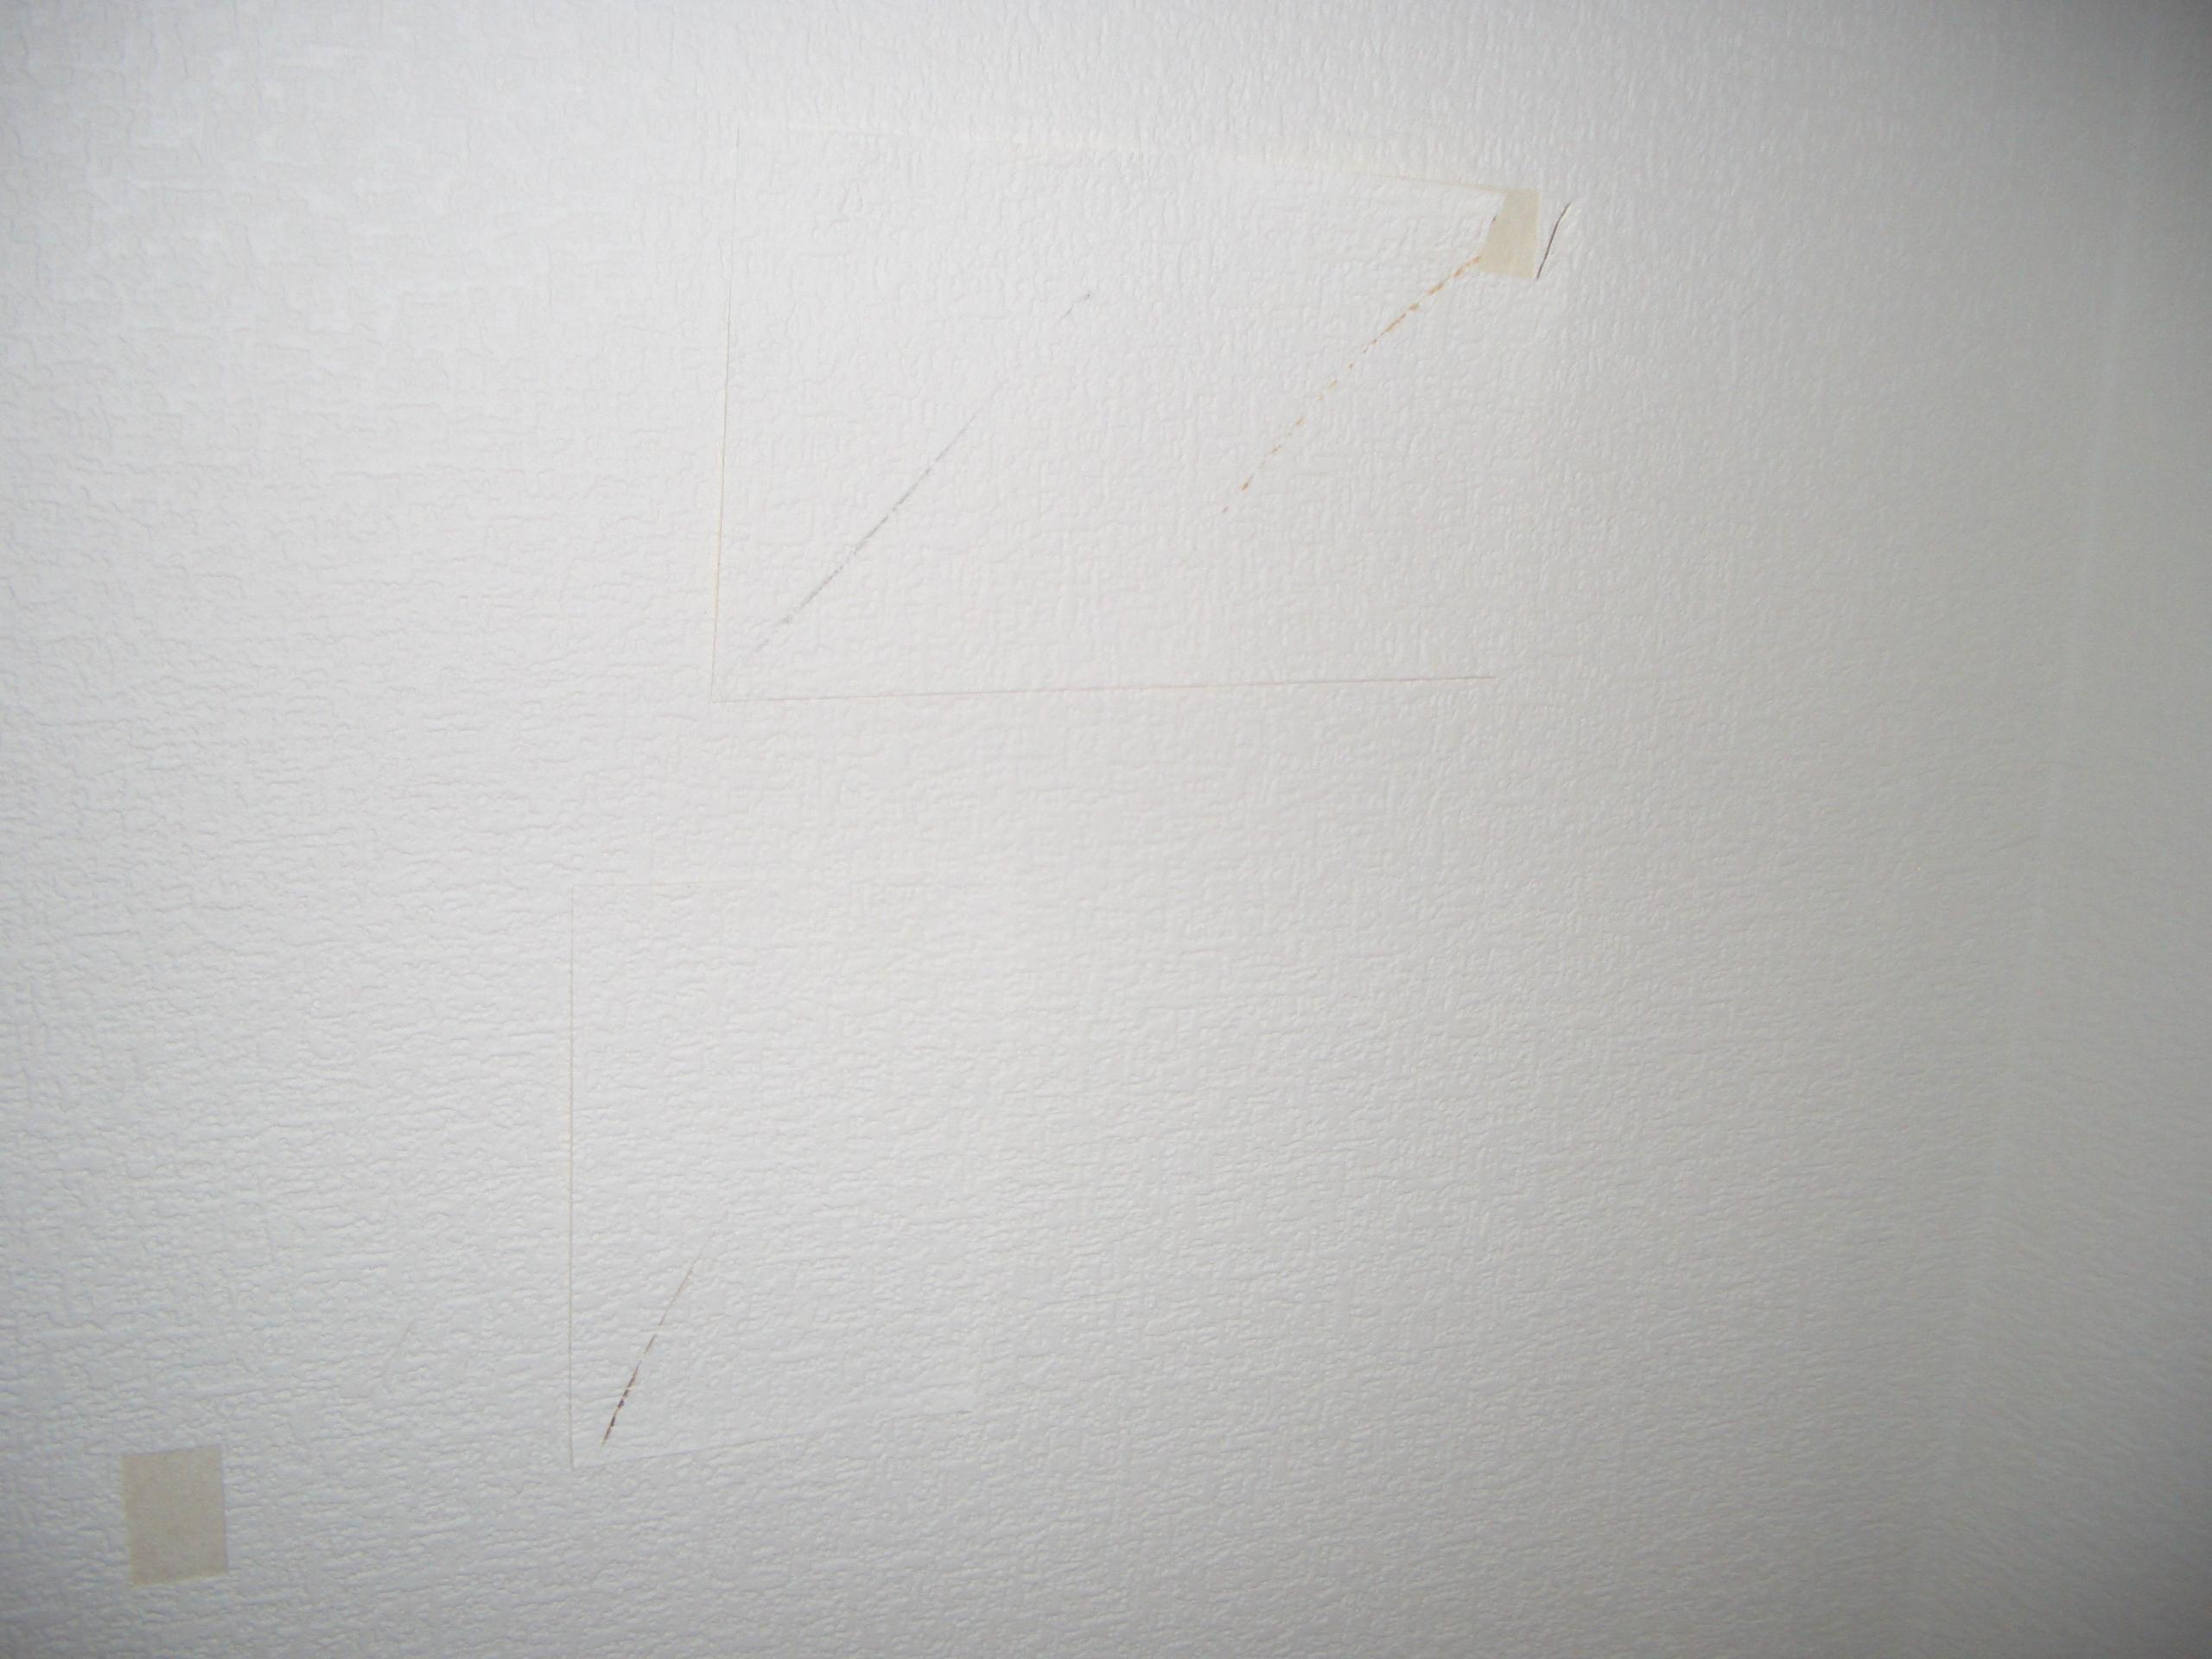 福岡市東区S様・壁紙クロスの修繕作業を実施しました